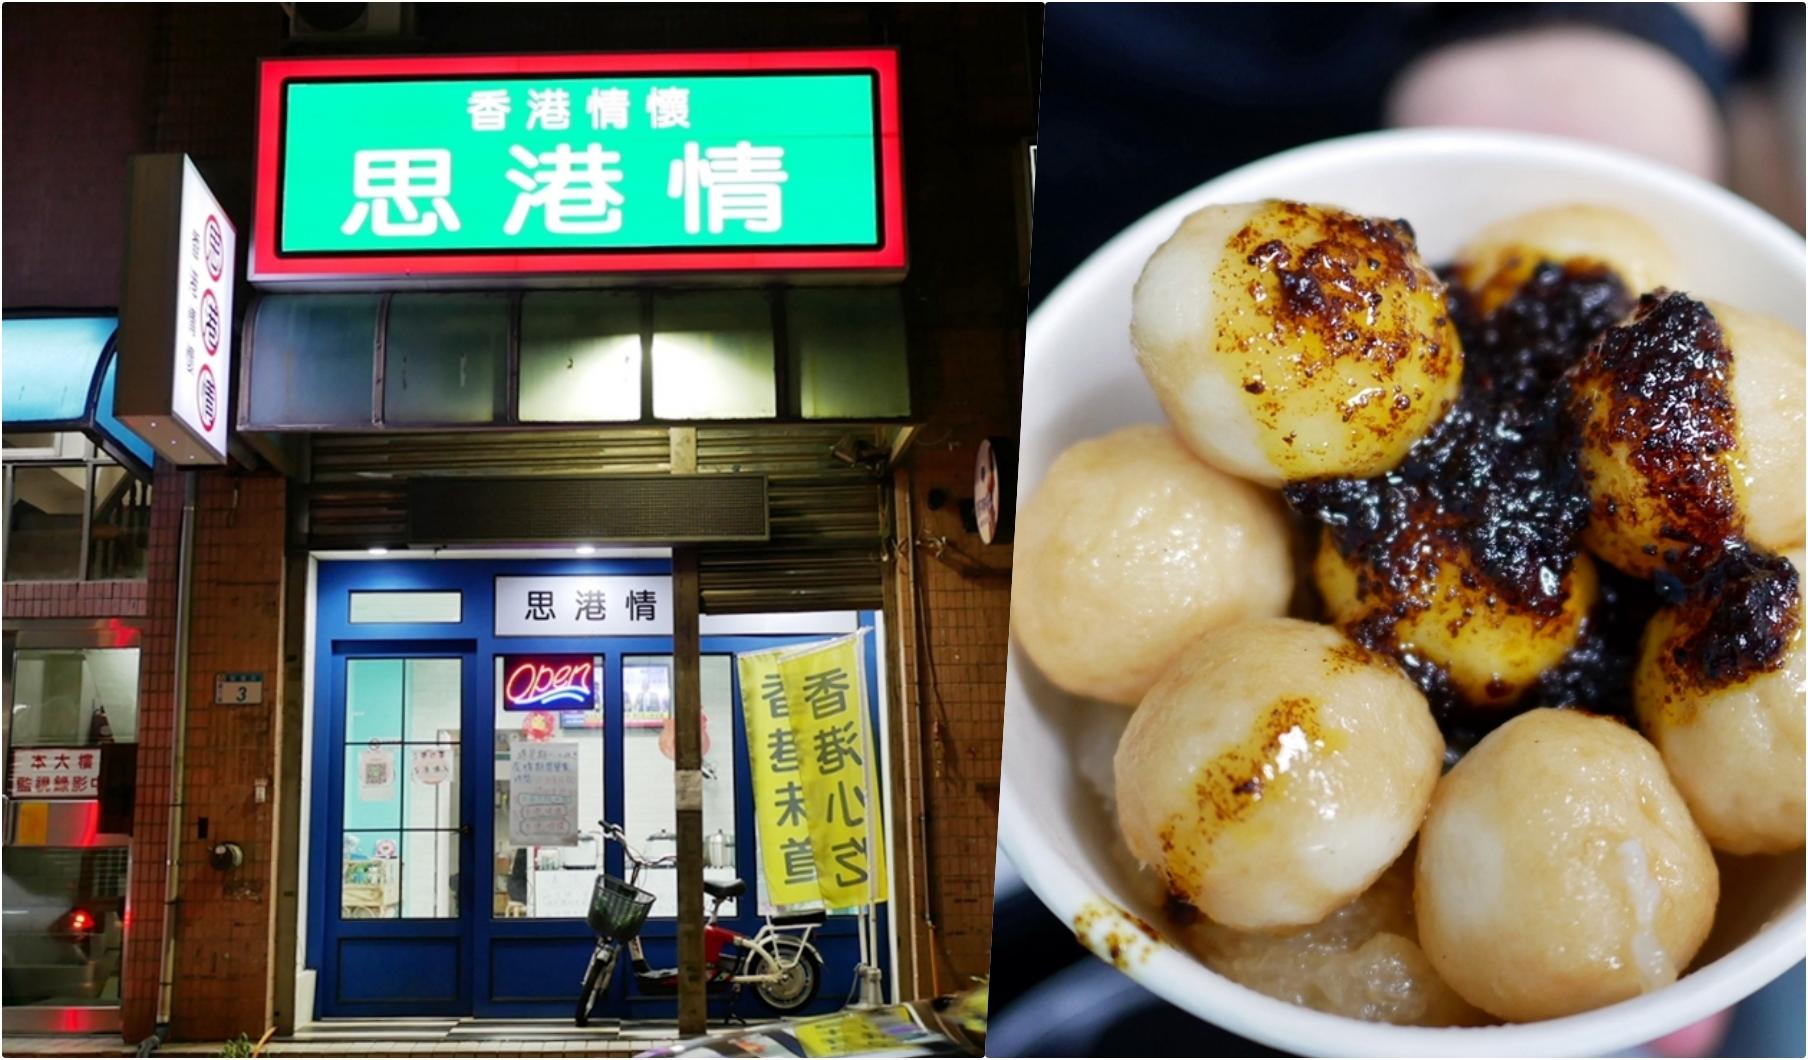 今日熱門文章:【桃園】 思港情|港式料理推薦,在台港人開的正宗港式經典街邊小食。